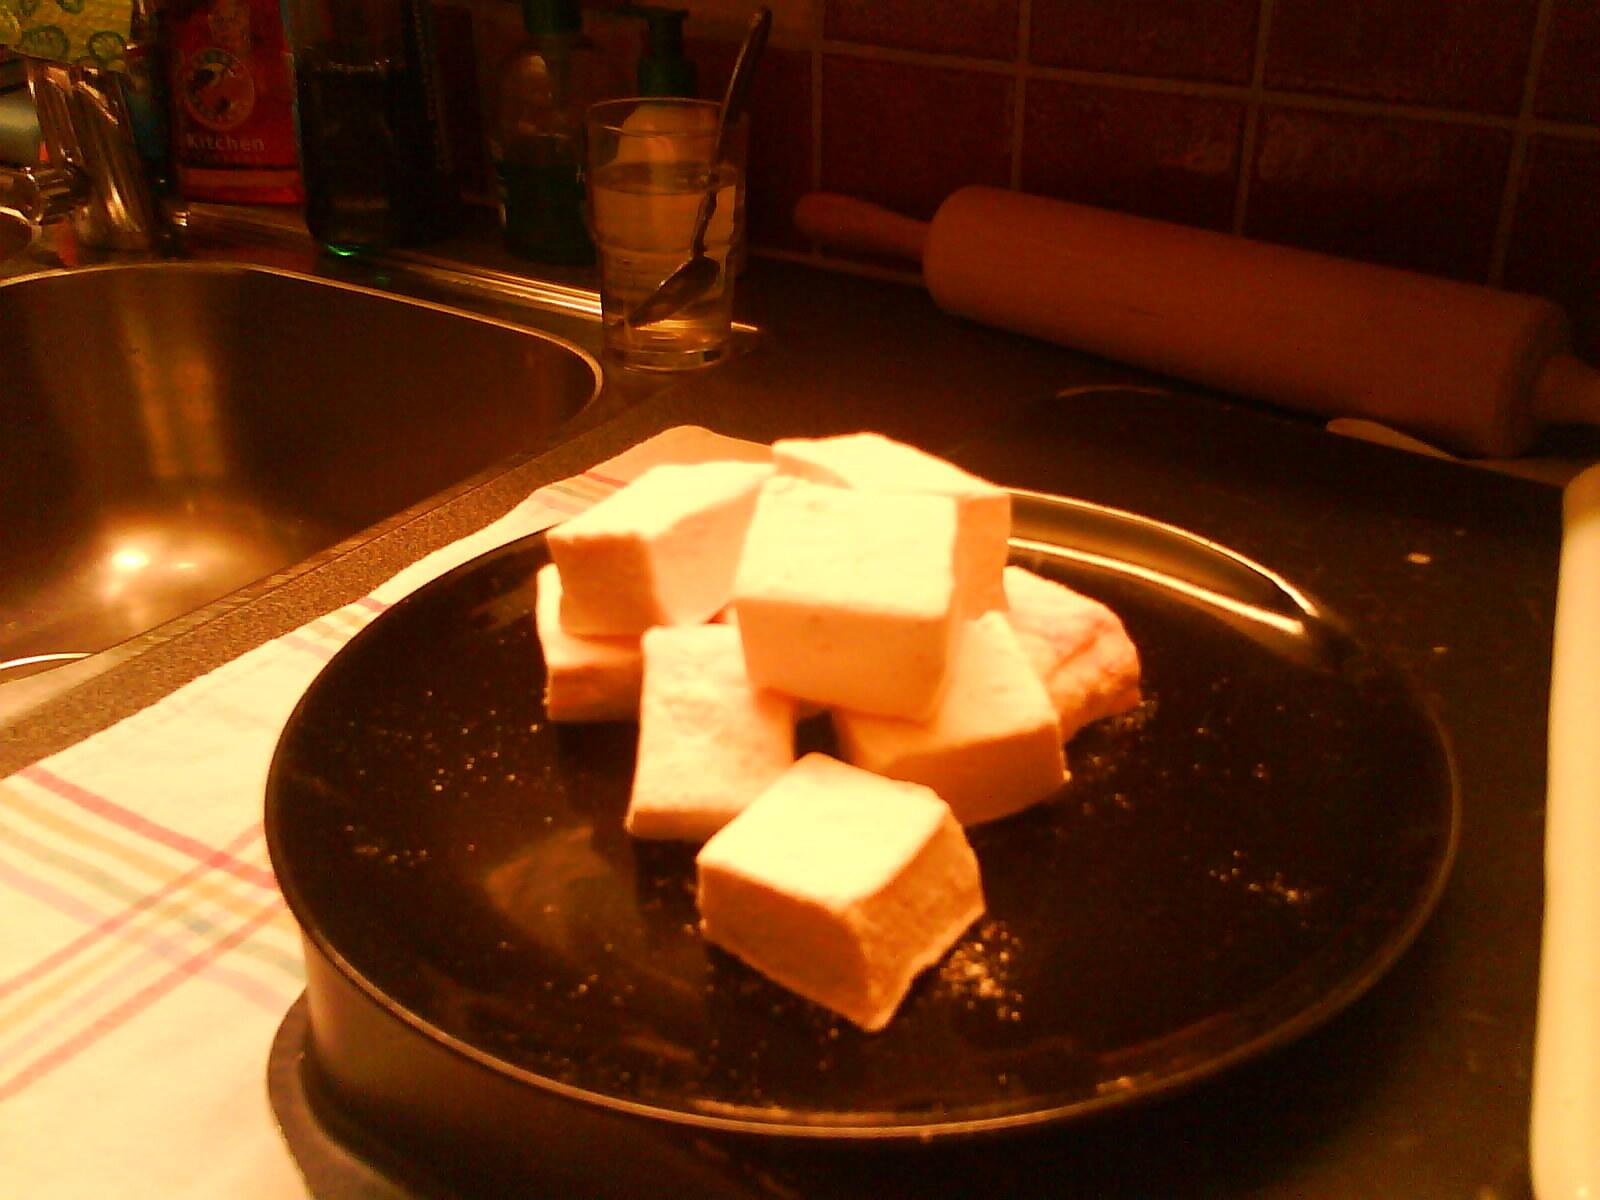 Världens enklaste marshmallows